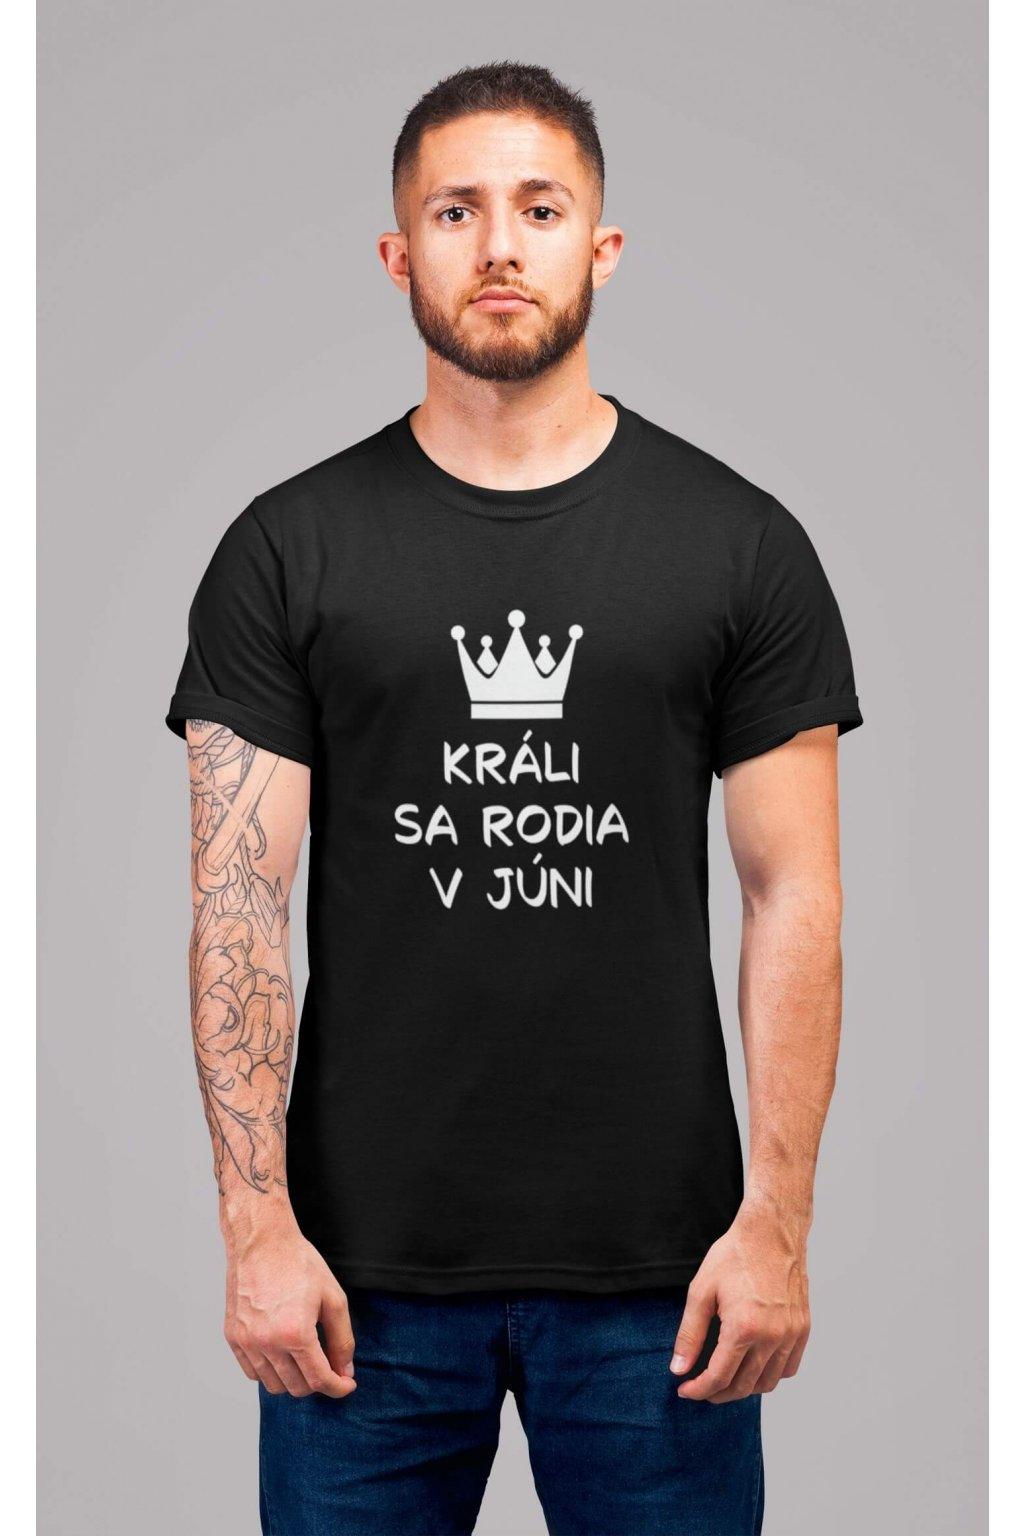 Pánske tričko Králi sa rodia v júni